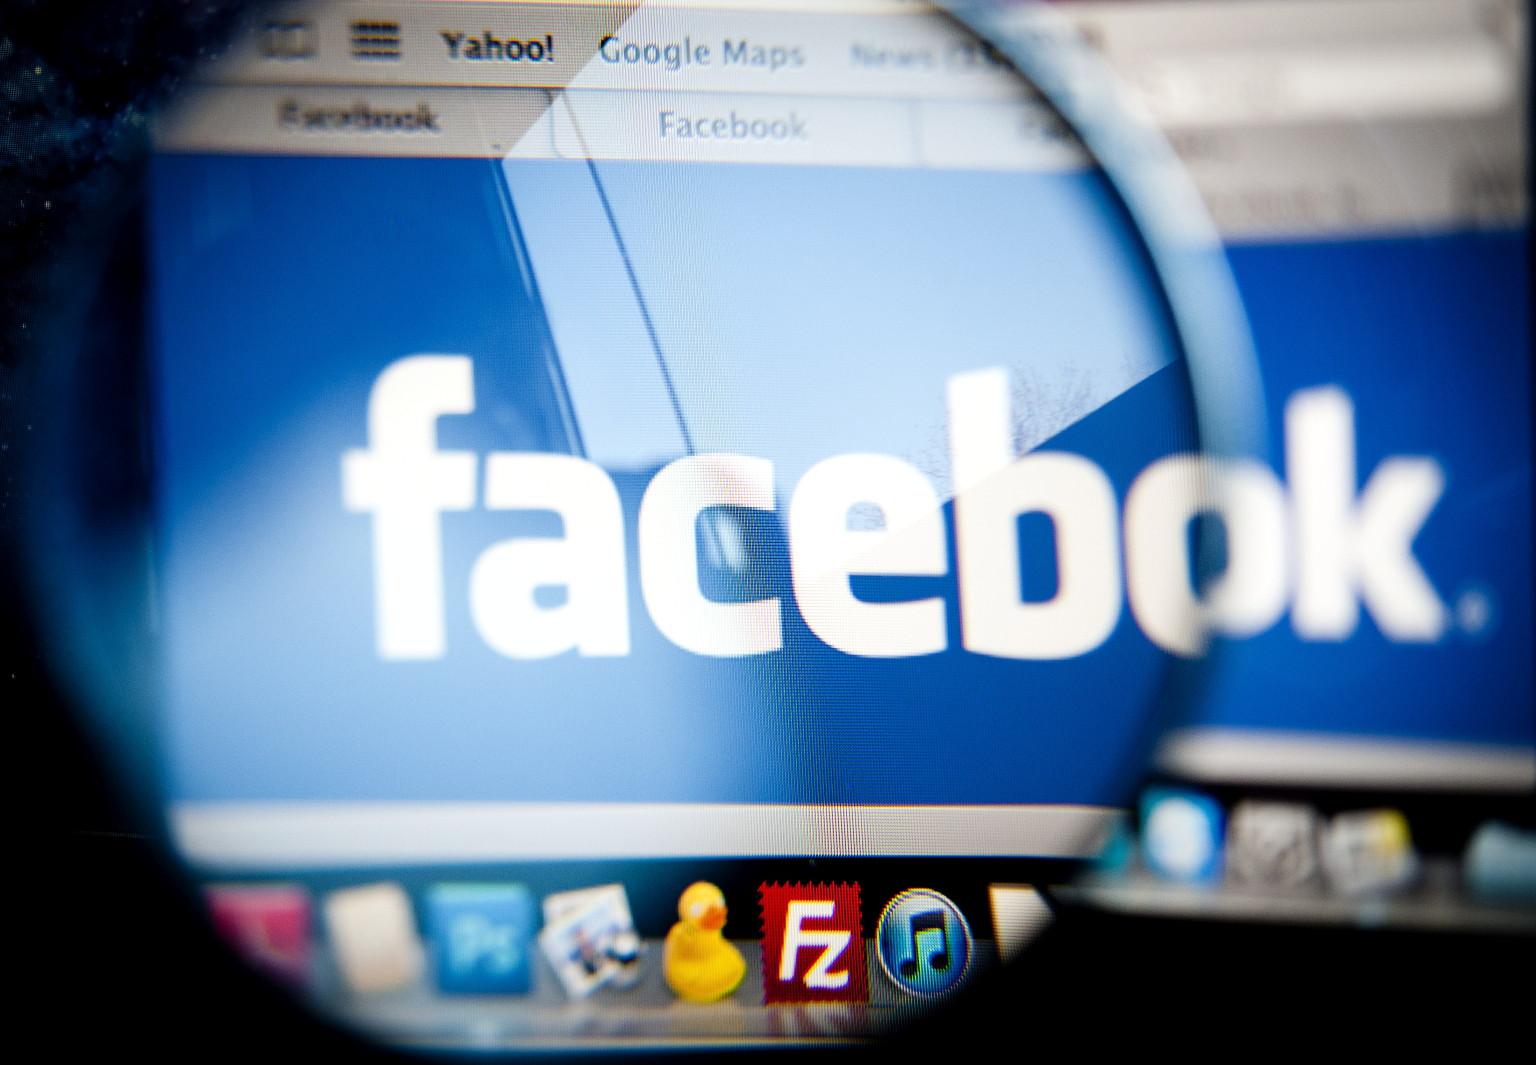 """ARCHIV: Das Logo von Facebook ist in Berlin fuer eine Fotoillustration auf einem Laptopbildschirm zu sehen (Foto vom 01.02.12). Facebook geht gegen gefaelschte Profile vor. Das soziale Netzwerk begann, eine Vielzahl von Profilen zu loeschen, die das Unternehmen als unecht einstuft, berichtet das Technologieblog """"TechCrunch"""". Facebook selbst schaetzt die Zahl der unechten Eintraege auf mehr als 80 Millionen. Dazu zaehlt Facebook Profile, die doppelt oder falsch angelegt wurden. Auch Nutzerprofile, die allein zum Verschicken von Spam-Nachrichten benutzt werden, sind unerwuenscht. (zu dapd-Text) Foto: Timur Emek/dapd"""